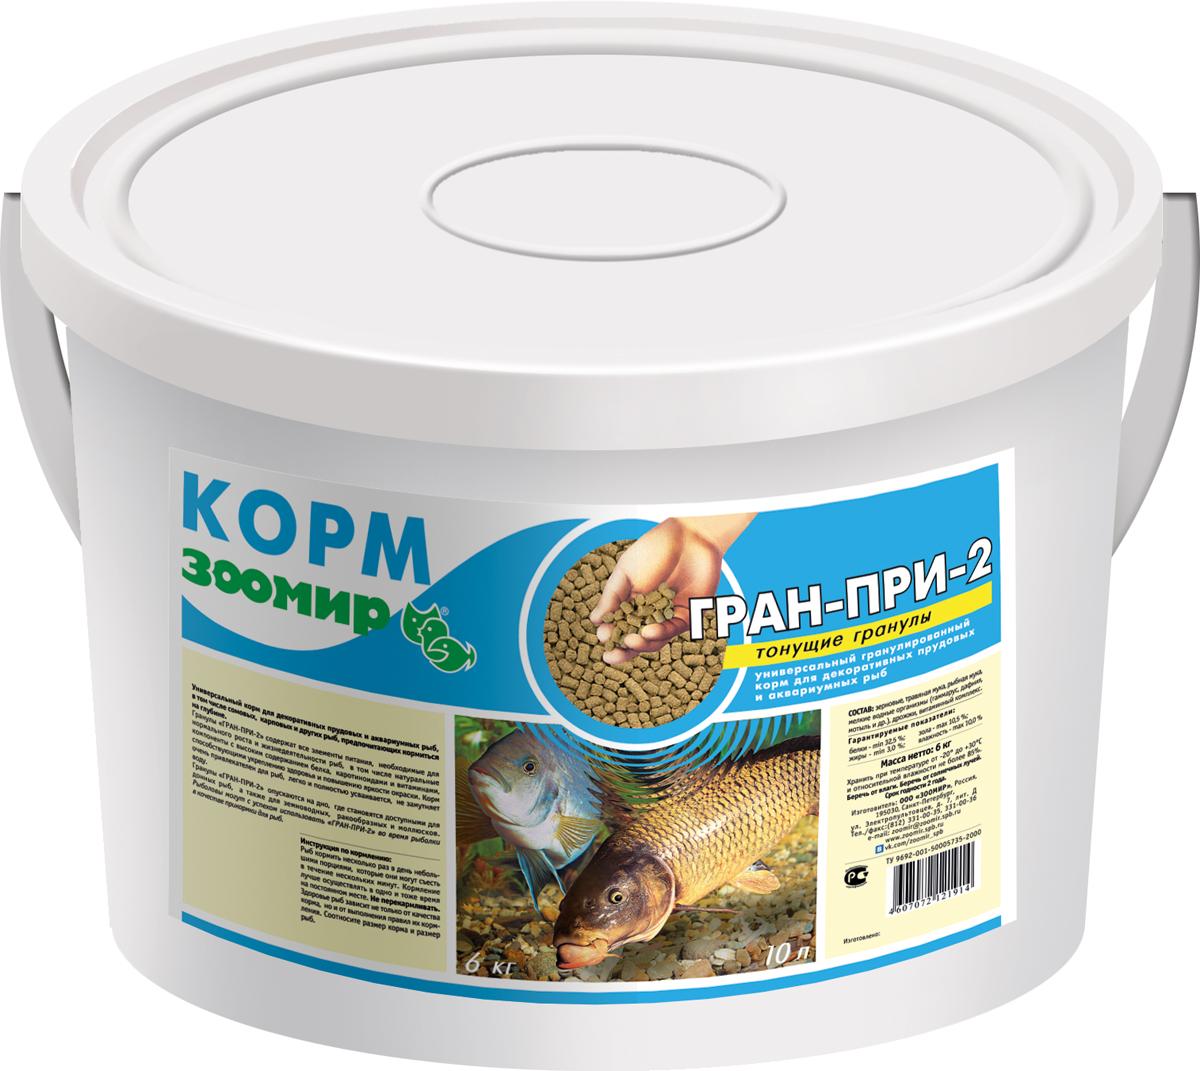 Корм для прудовых рыб Зоомир Гран-при 2, тонущие гранулы, 10 л485Универсальный корм для декоративных прудовых и аквариумных рыб, в том числе сомовых, карповых и других рыб, предпочитающих кормиться на глубине. Рыболовы могут с успехом использовать «ГРАН-ПРИ-2» во время рыбалки в качестве прикормки для рыб. Гранулы «ГРАН-ПРИ-2» содержат все элементы питания, необходимые для нормального роста и жизнедеятельности рыб, в том числе, натуральные компоненты с высоким содержанием белка, каротиноиды и витамины, способствующие укреплению здоровья и повышению яркости окраски. Благодаря тщательному подбору состава и использованию высоких технологий корм очень привлекателен для рыб, легко и полностью усваивается, не замутняет воду. Гранулы «ГРАН-ПРИ-2» опускаются на дно, где становятся доступными для донных рыб, а также для земноводных, ракообразных и моллюсков. Состав: зерновые, травяная мука, рыбная мука, мелкие водные организмы (гаммарус, дафния, мотыль и др.), дрожжи, витаминный комплекс.